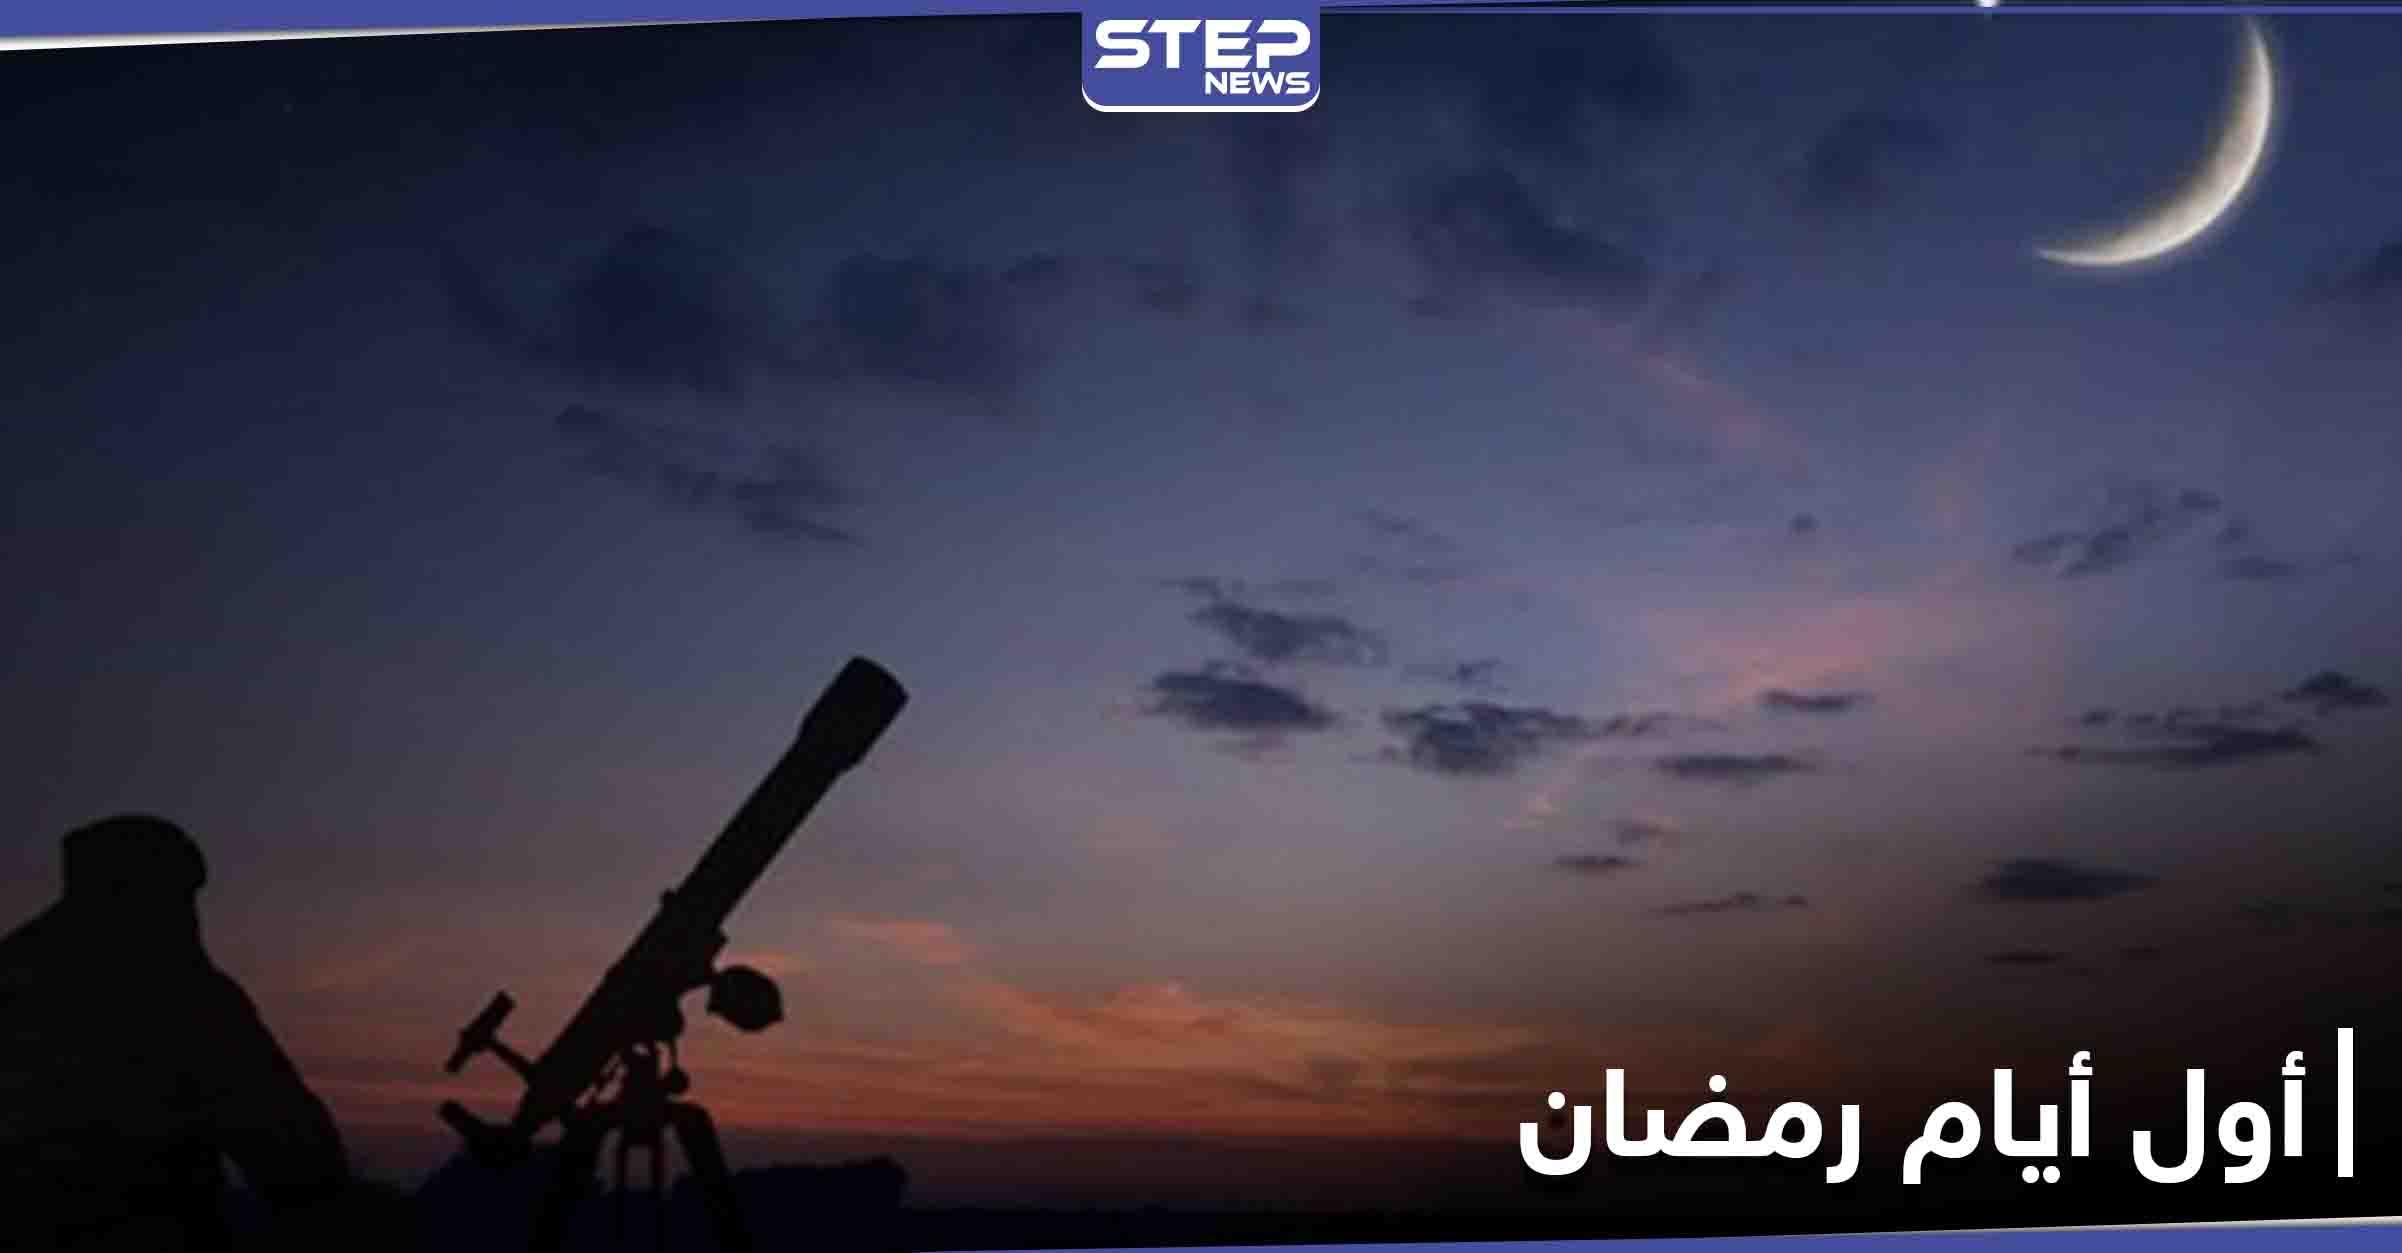 الإعلان عن أول أيام شهر رمضان رسمياً بحسب المظاهر الفلكية